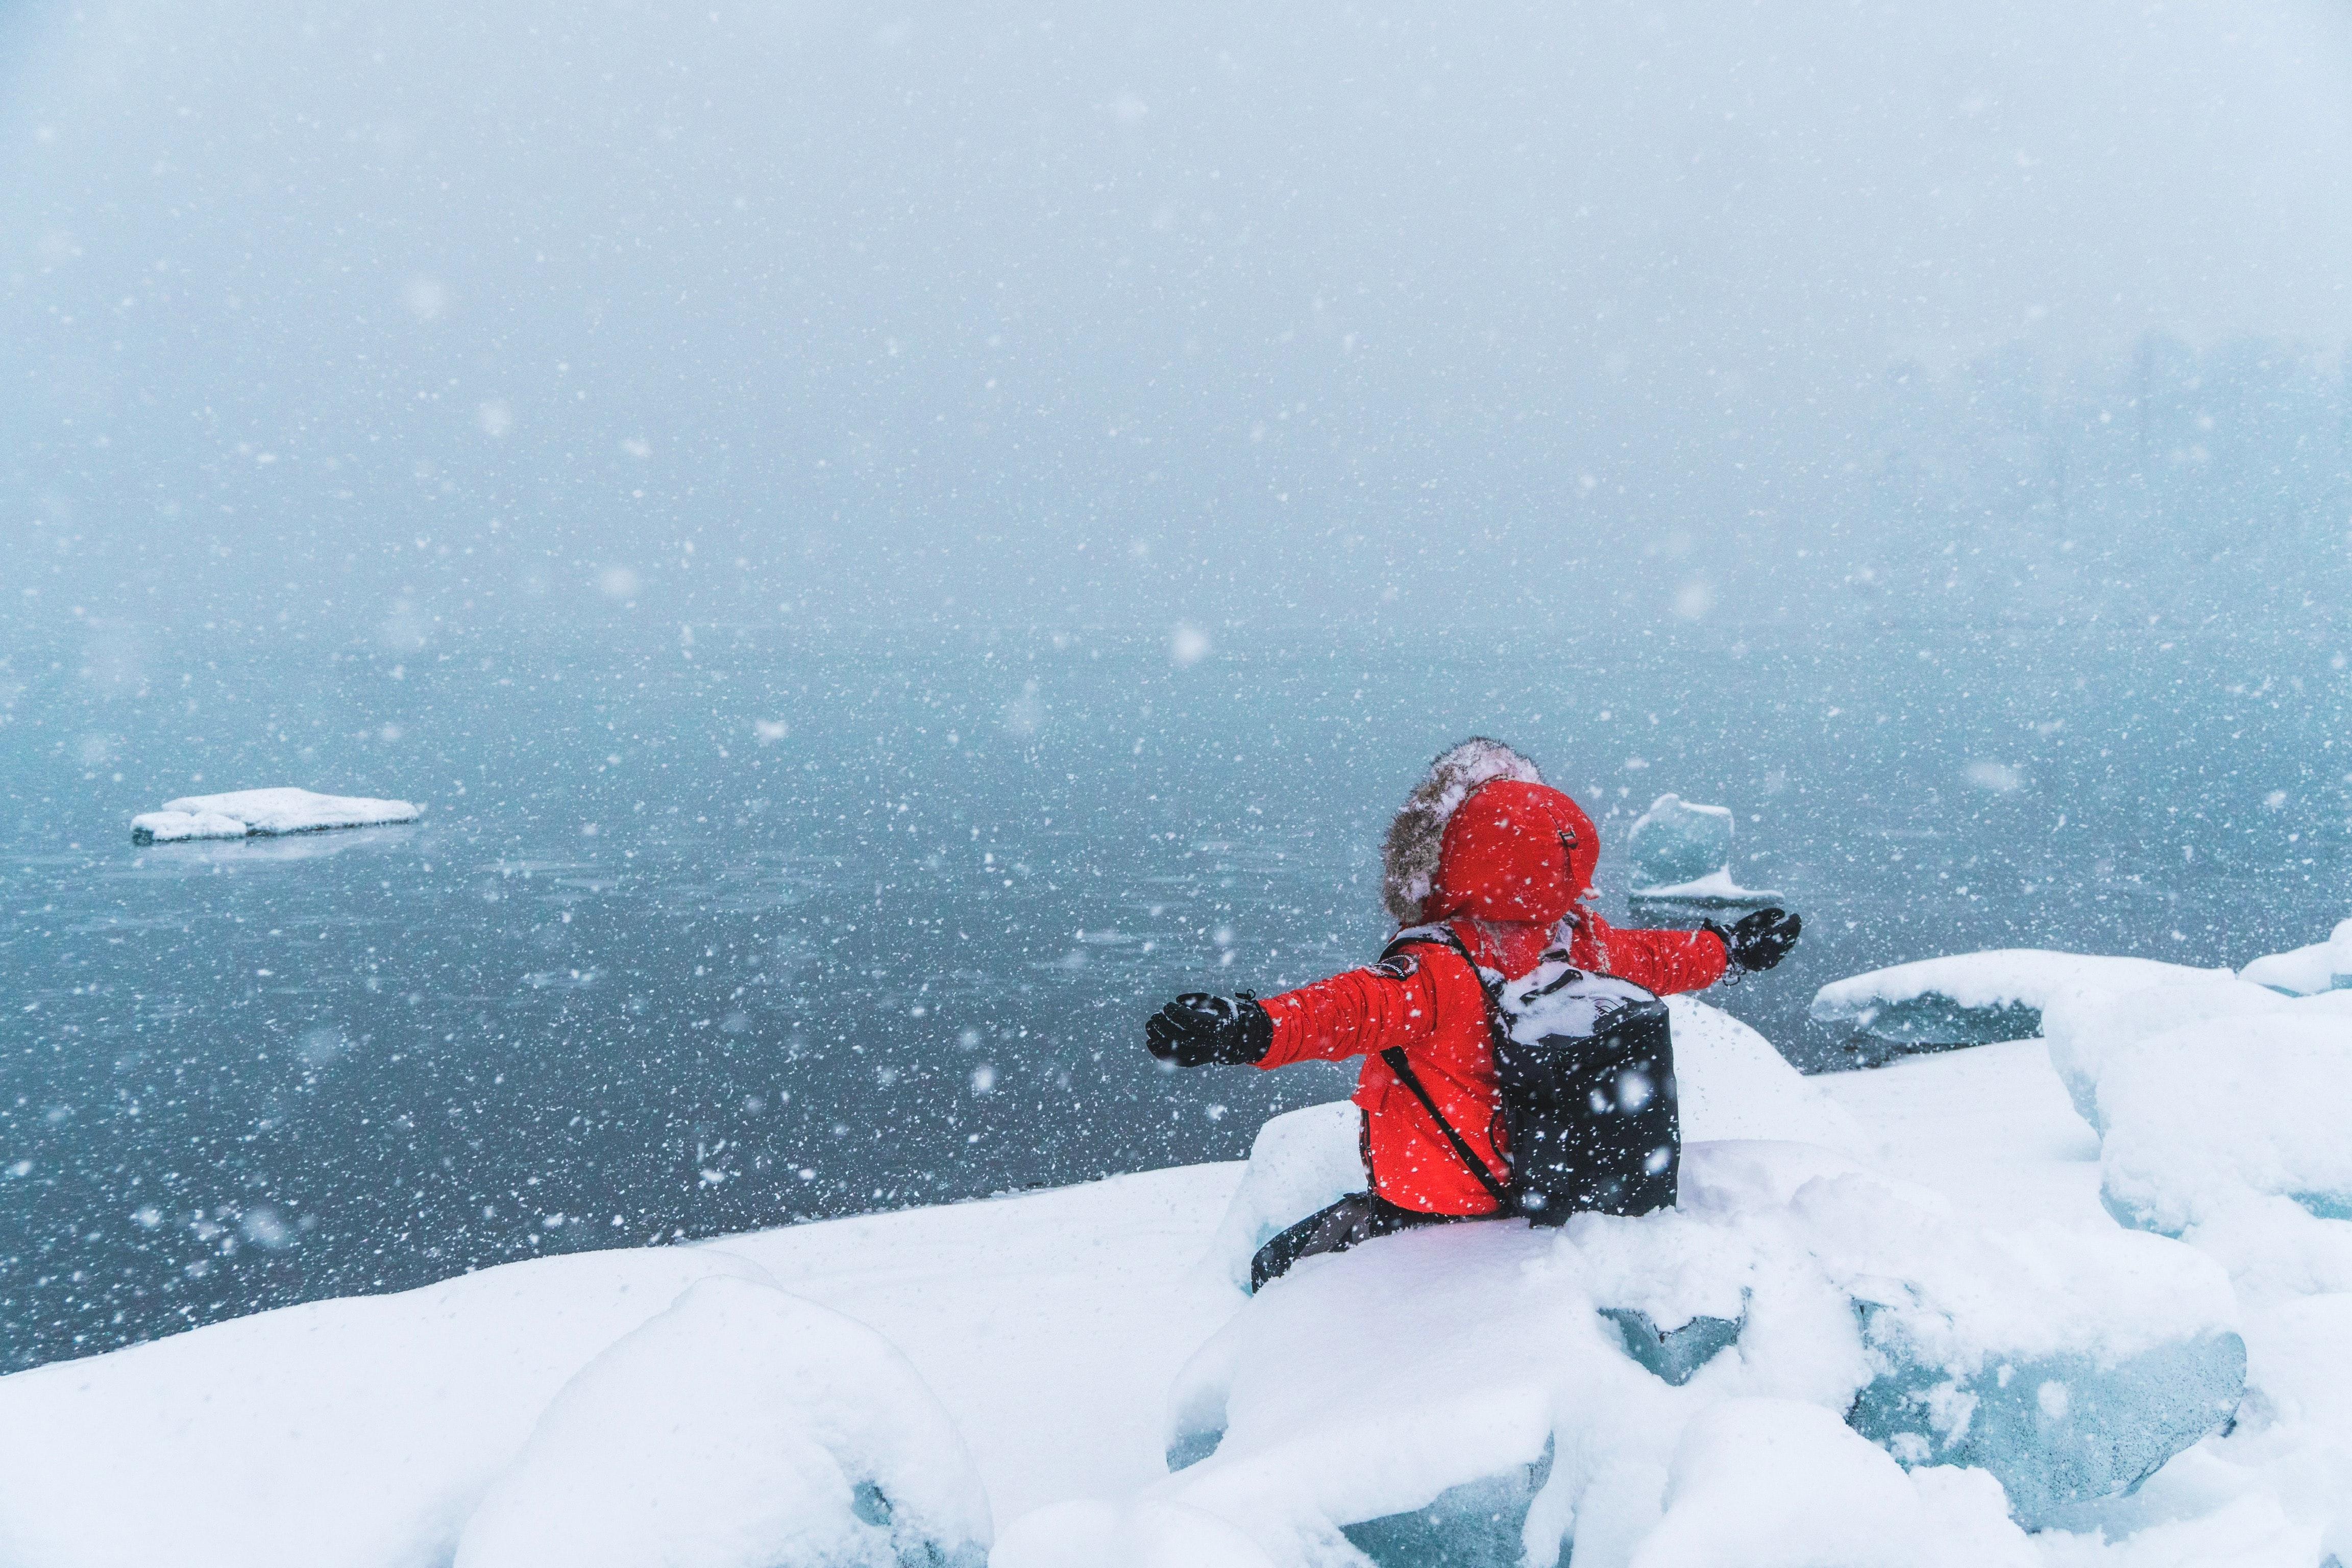 Kurtka na zimę - na co zwrócić uwagę przy wyborze odpowiedniego okrycia wierzchniego